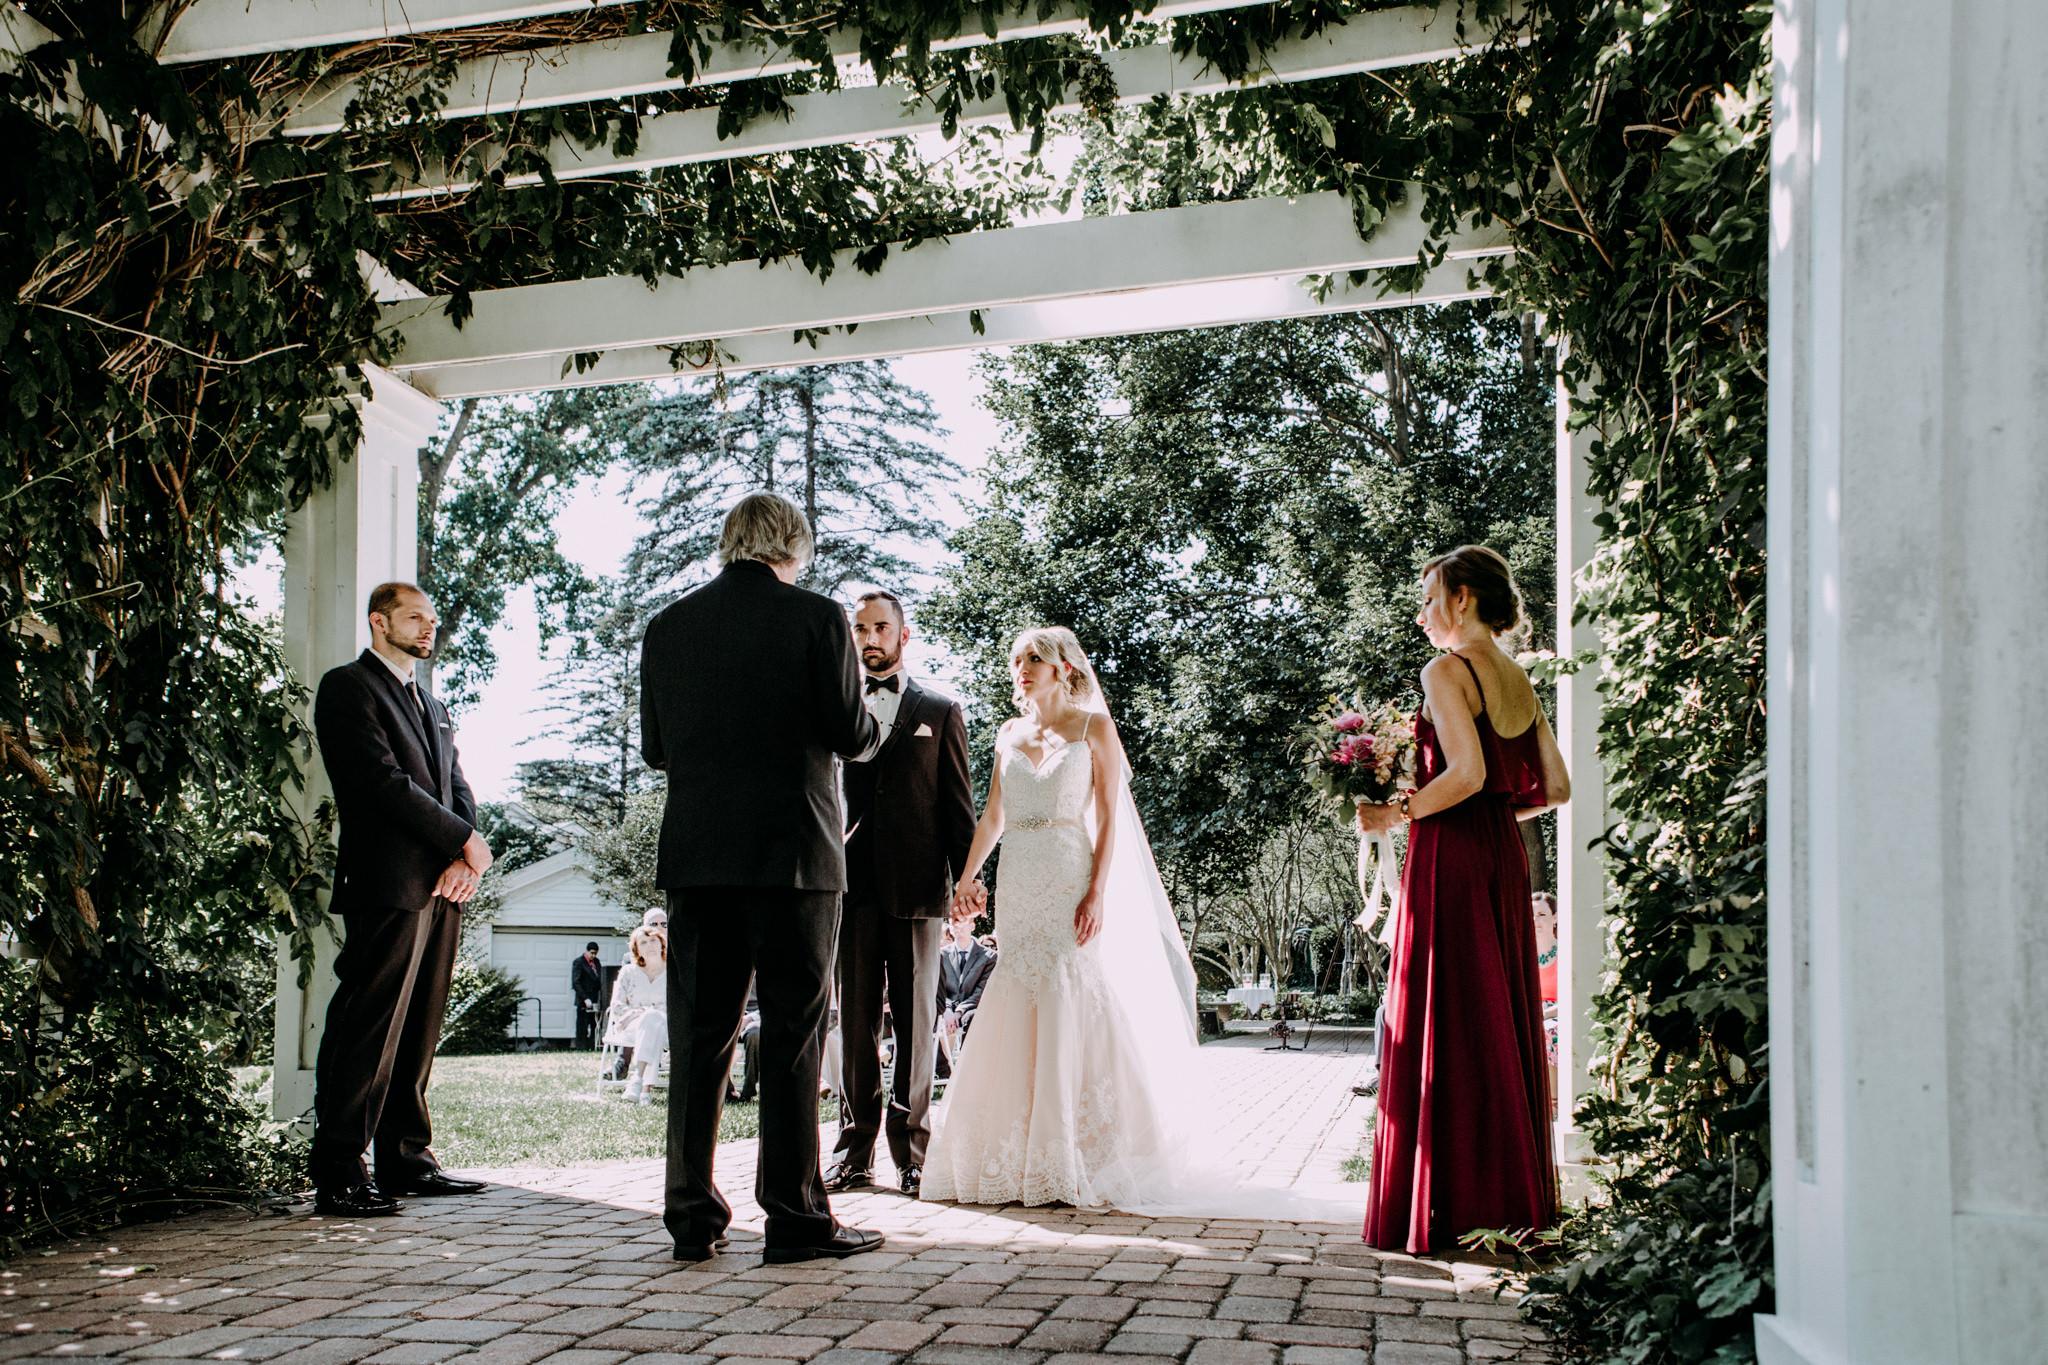 wellers wedding in saline